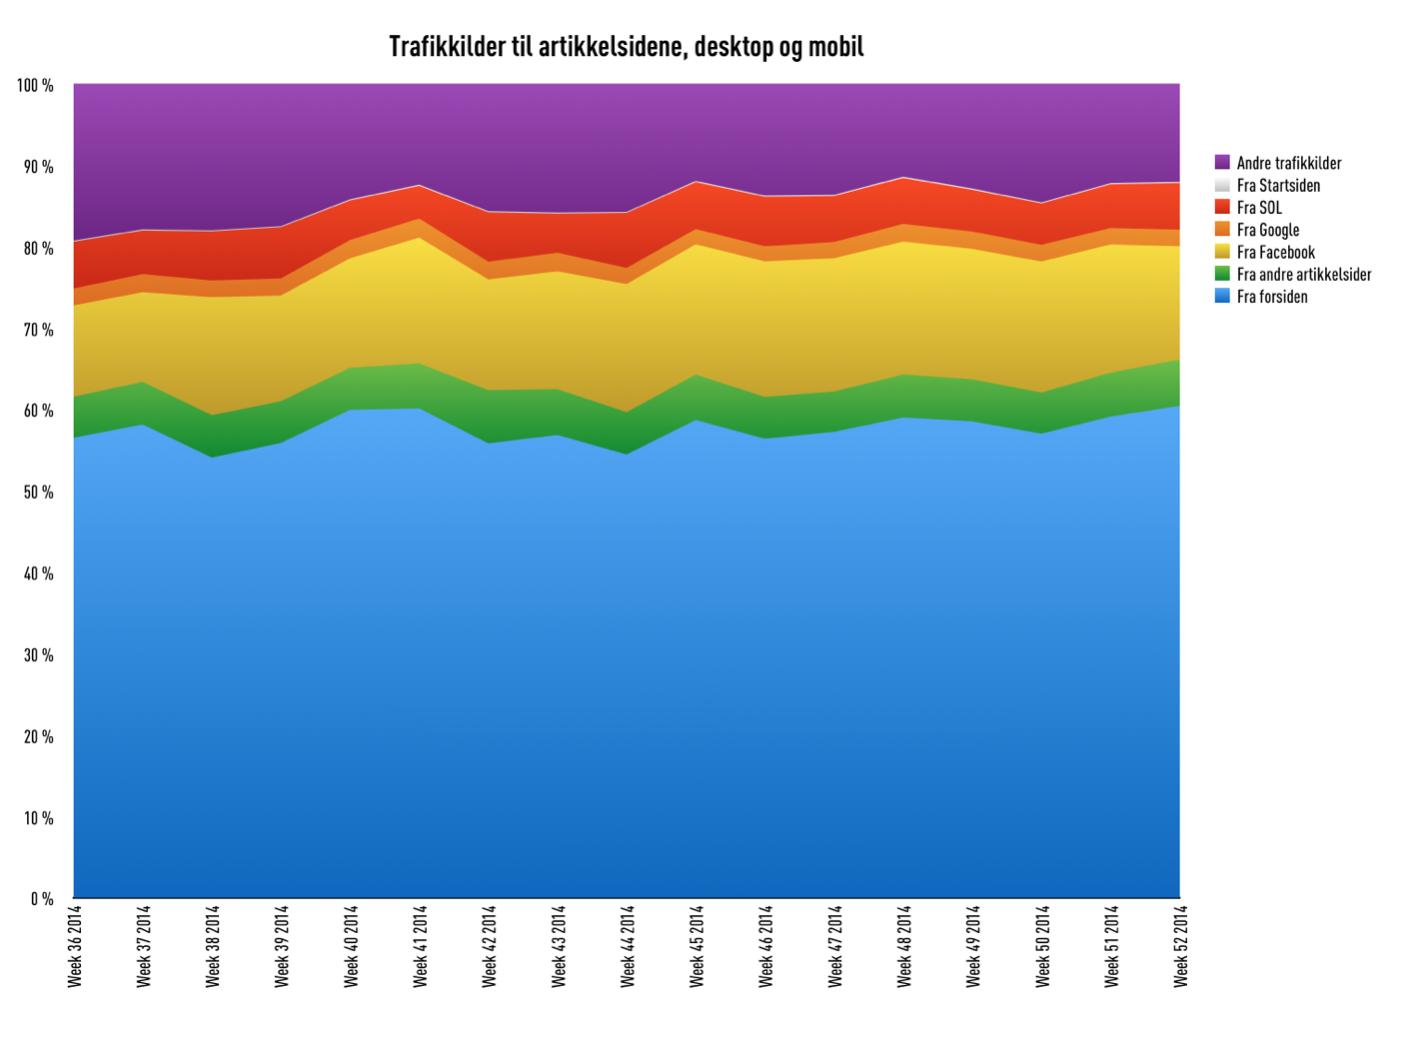 Trafikkilder til artikkelsider, prosentandeler, Amedias aviser, uke 36-52 2014 (kilde: Amedia)